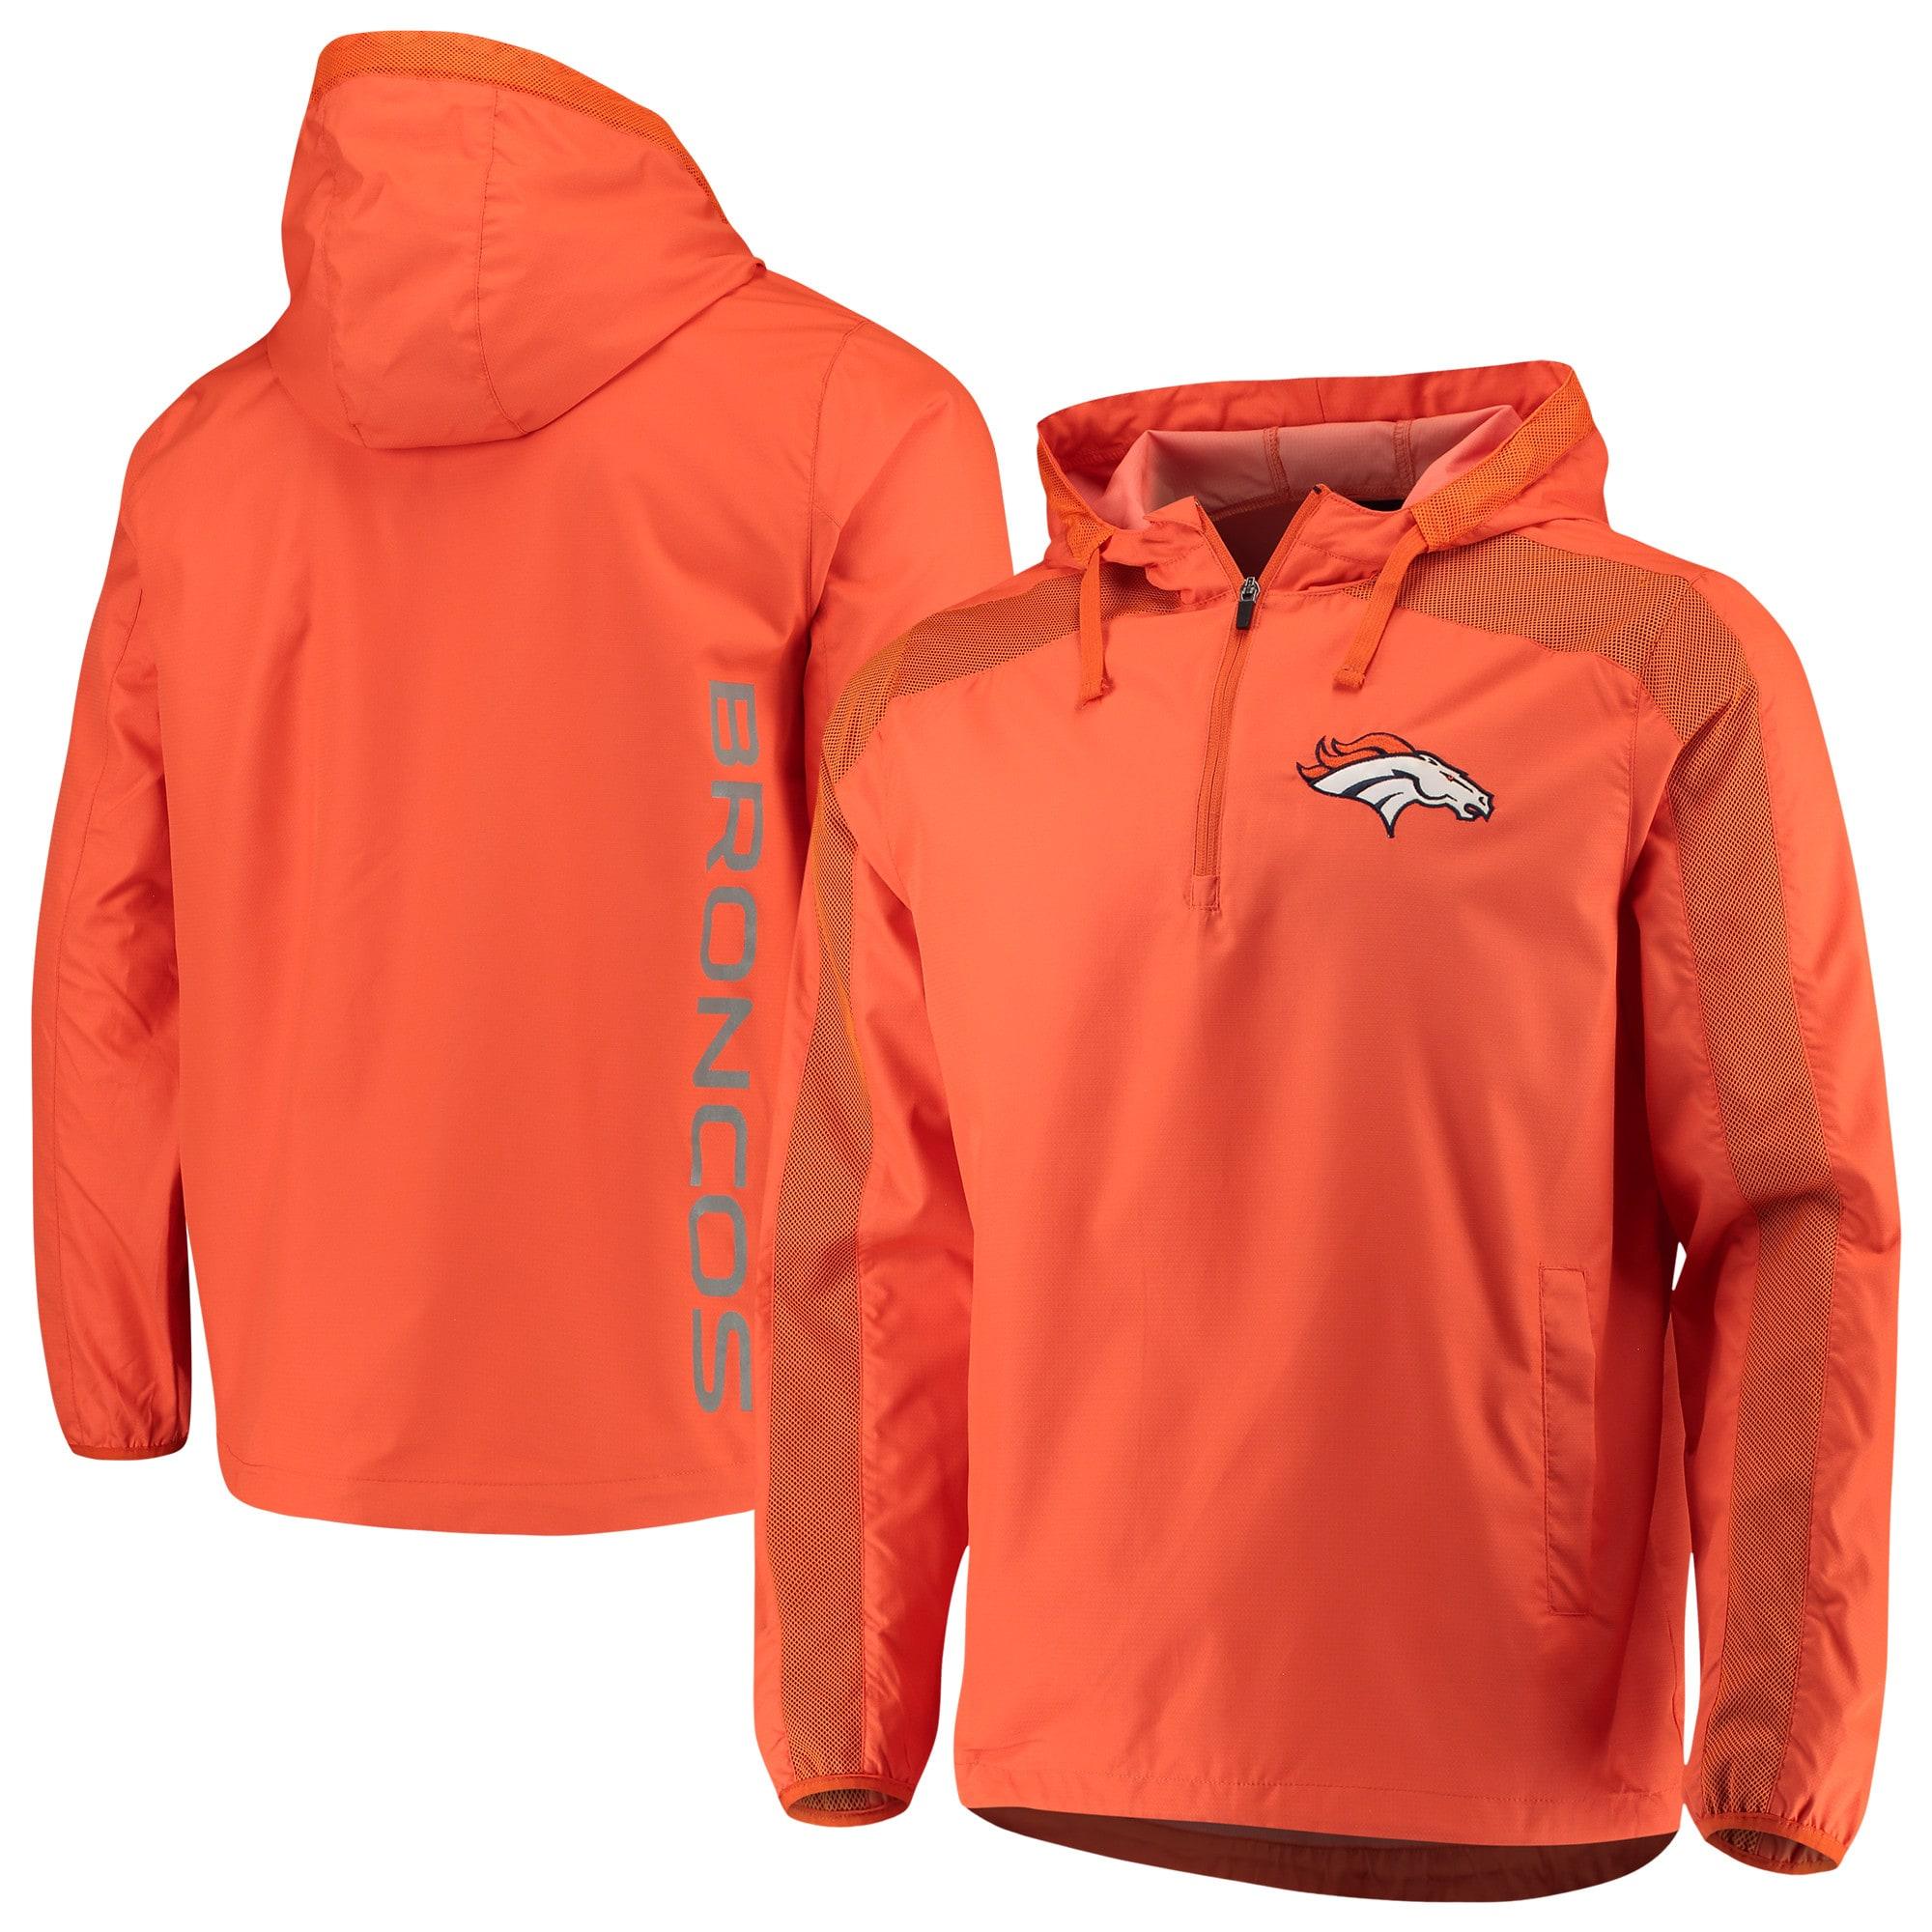 Denver Broncos G-III Sports by Carl Banks Lineup Hooded Half-Zip Jacket - Orange